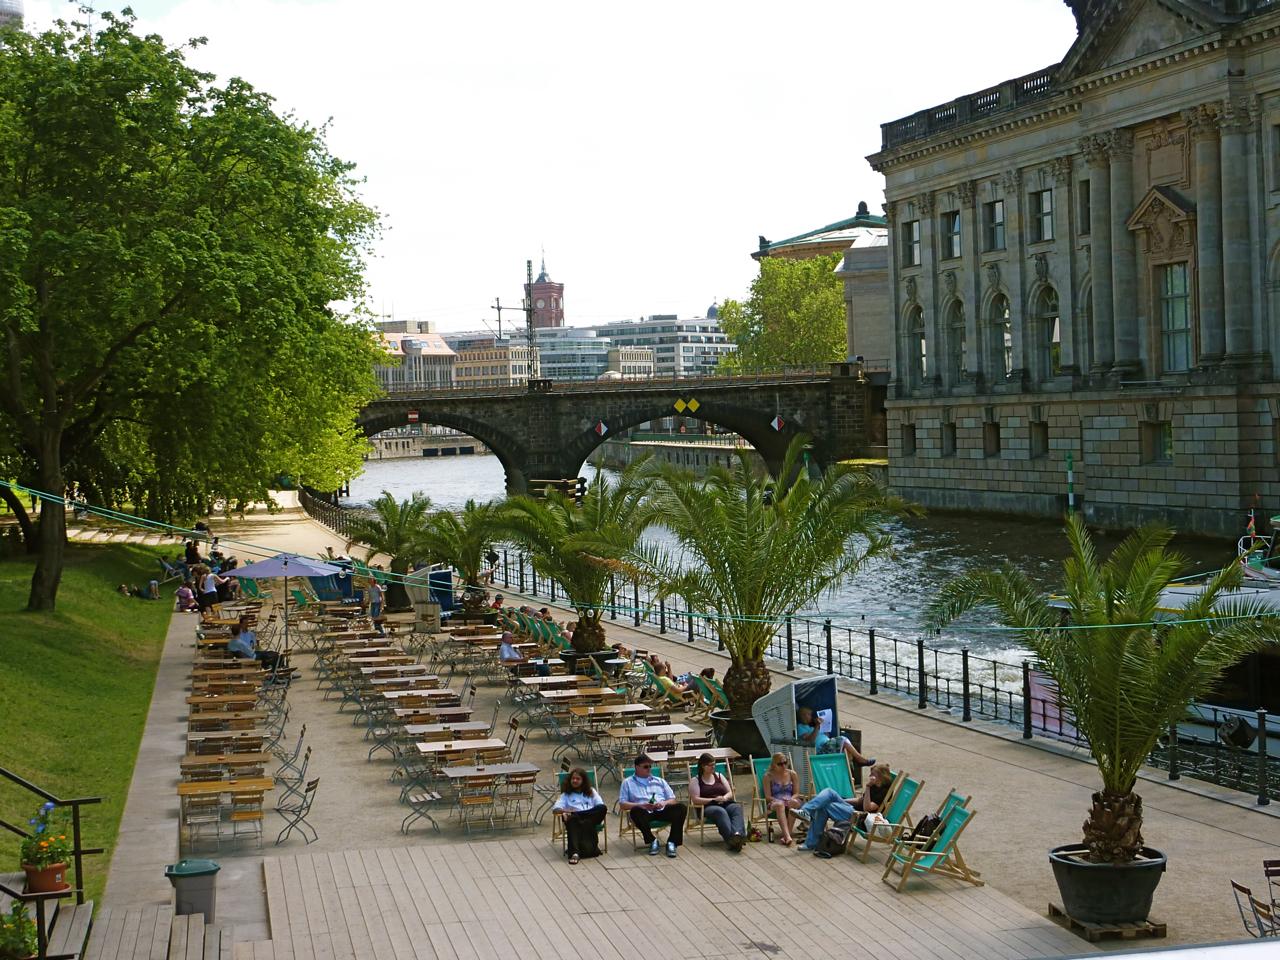 Cafe Monbijoupark Berlin